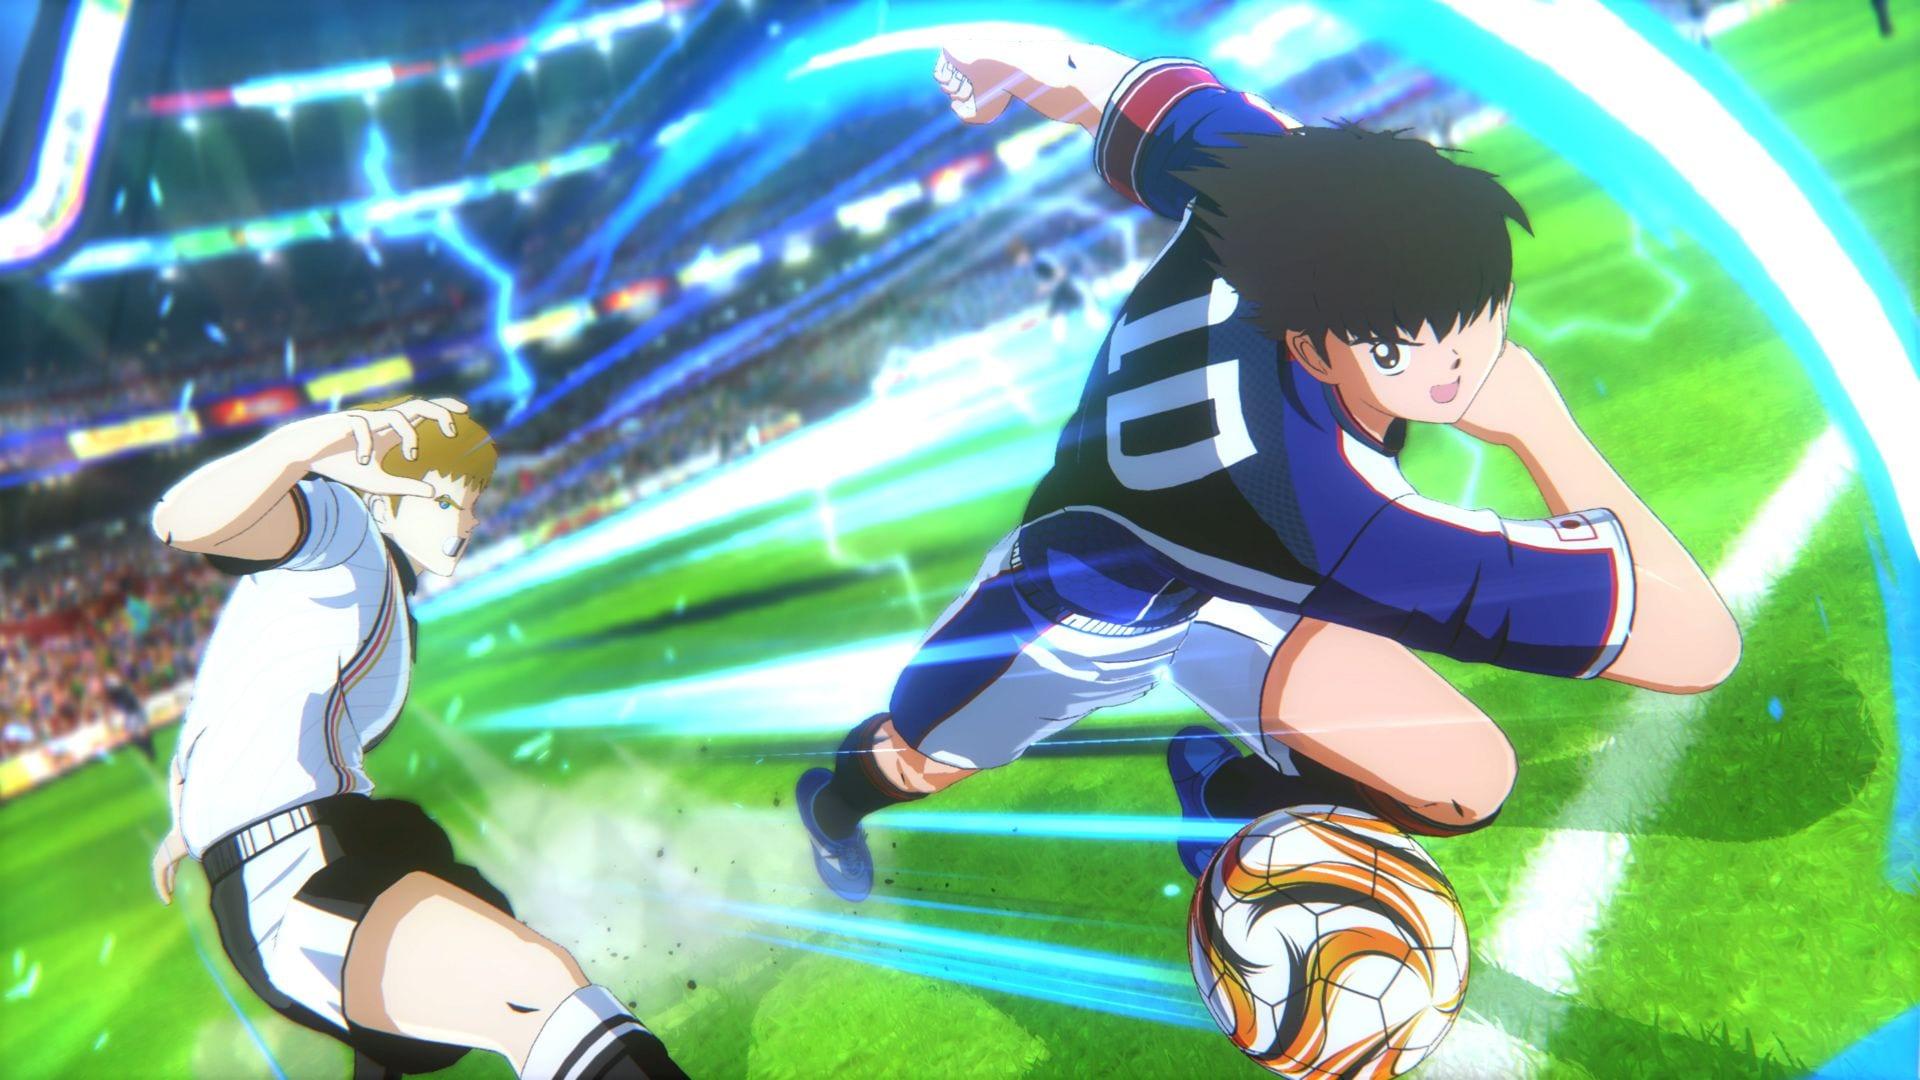 captain tsubasa dribbling moves